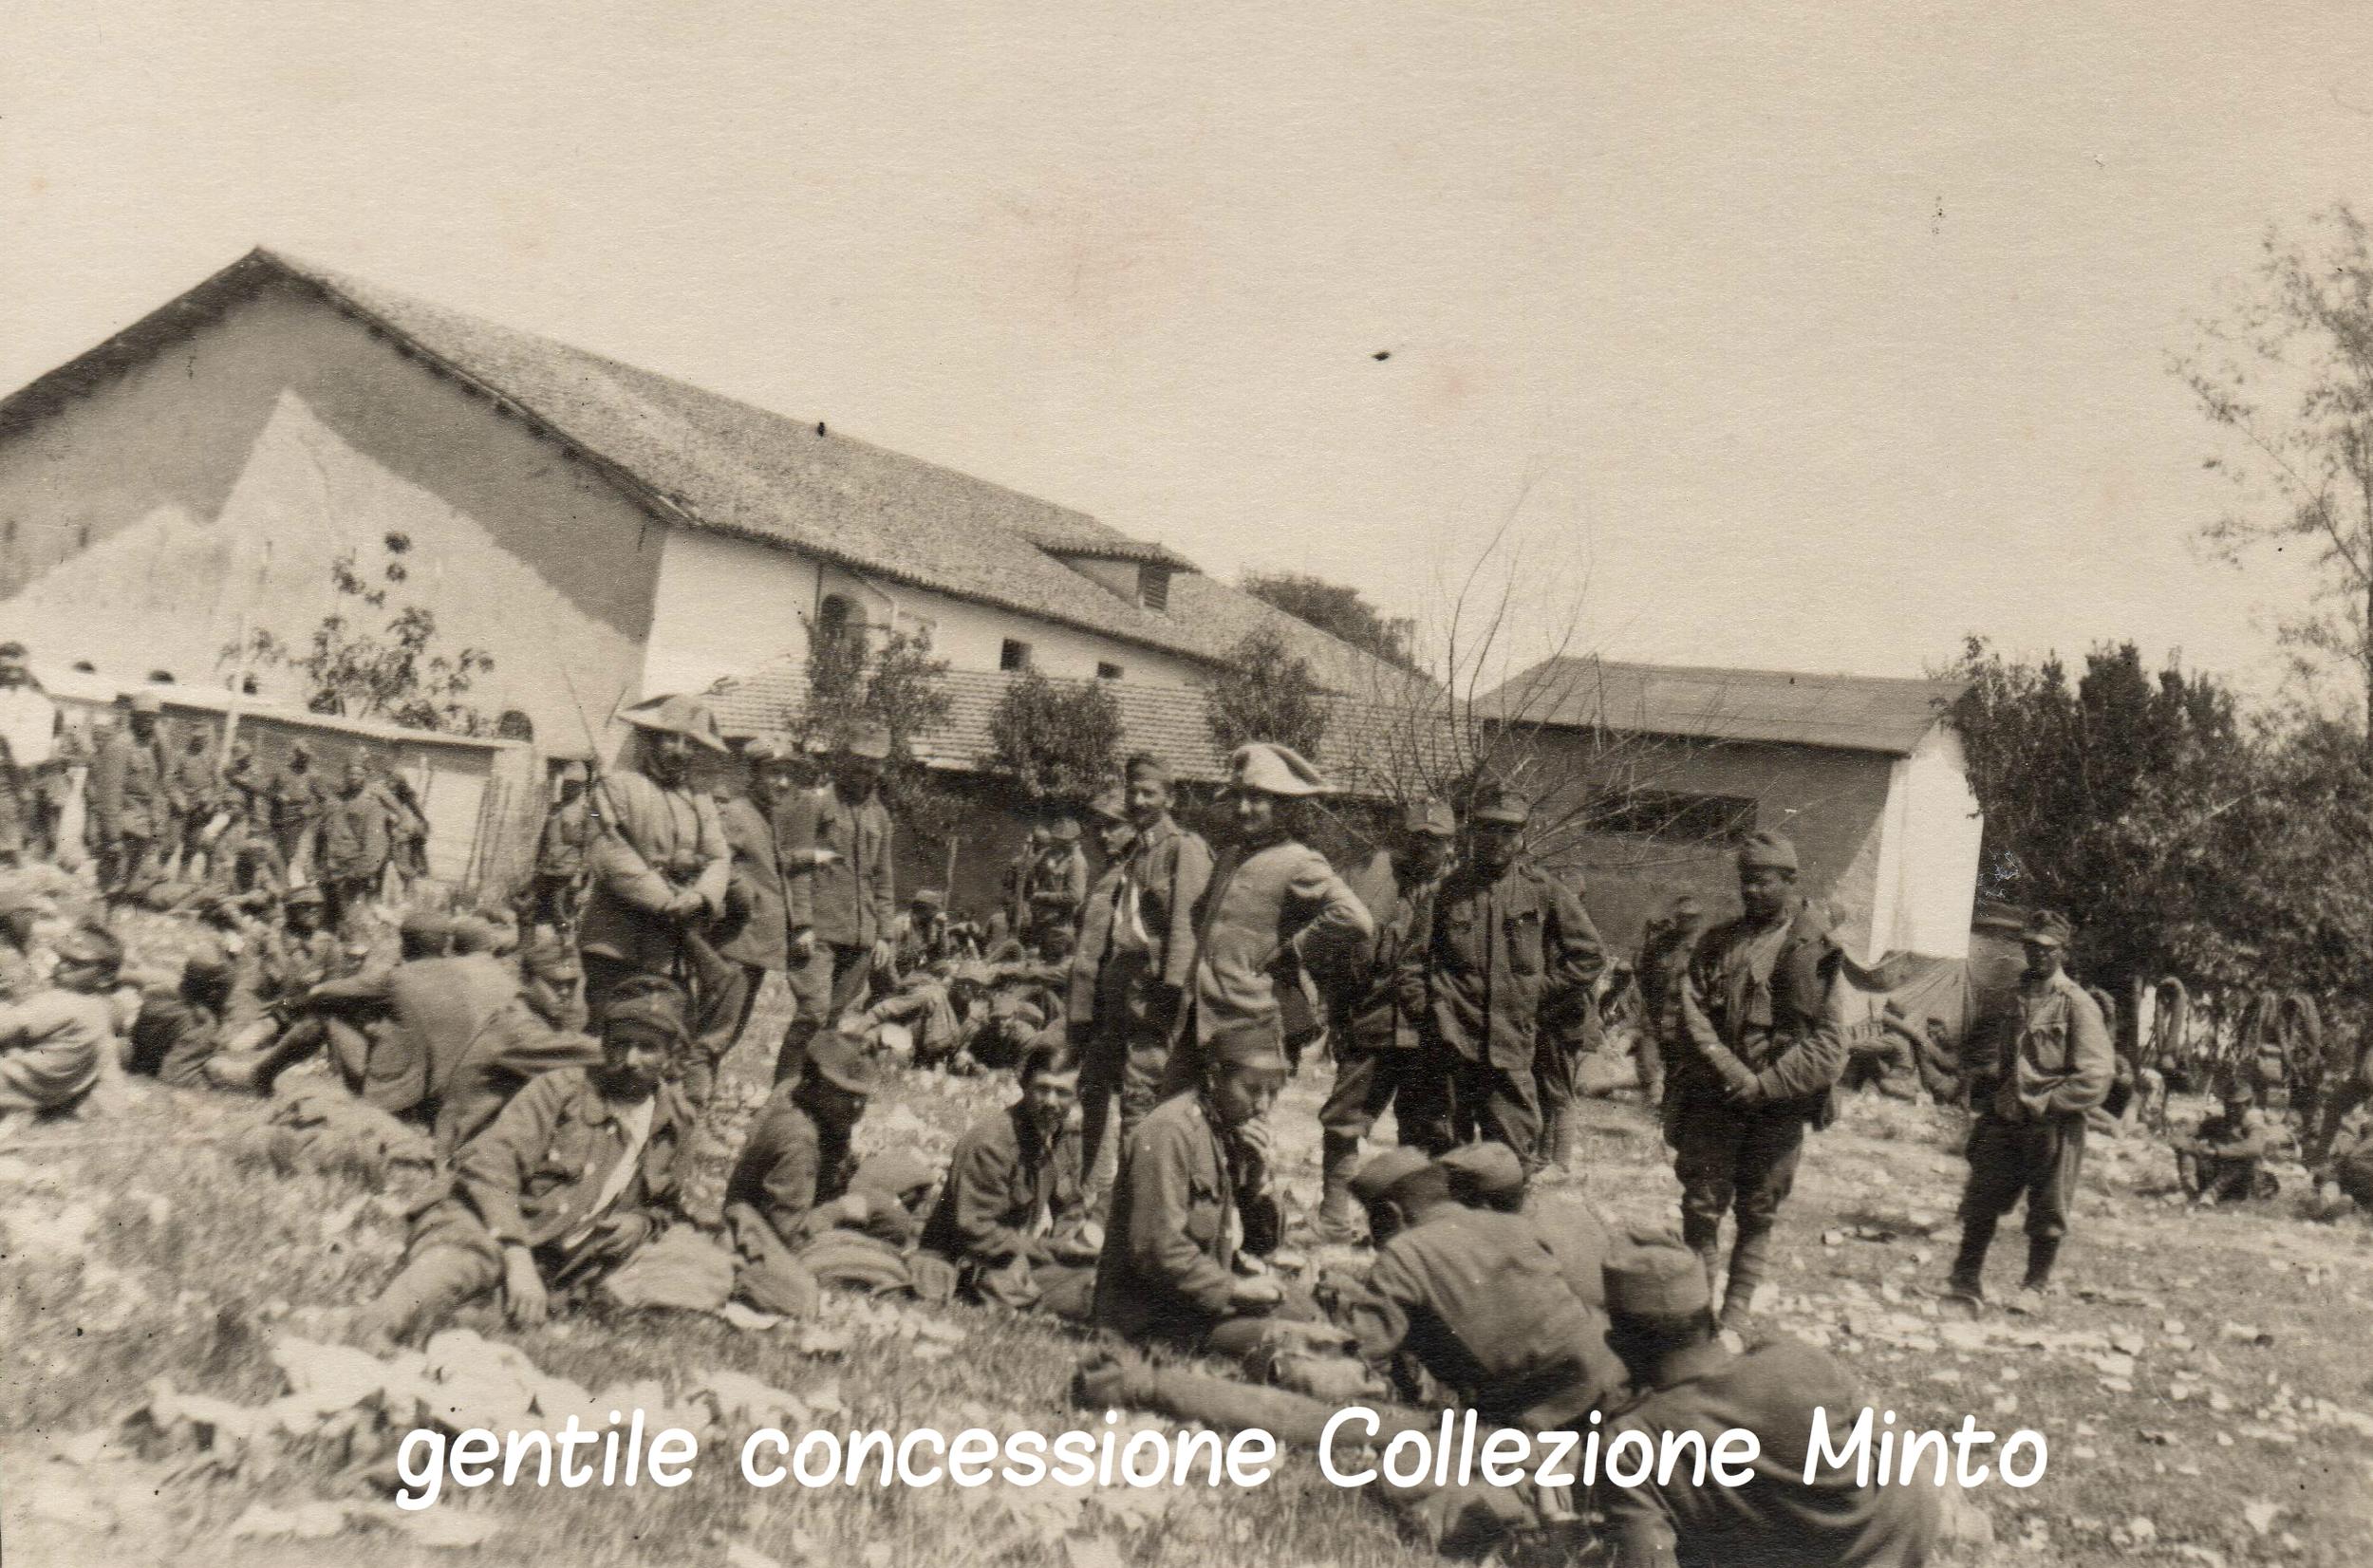 Carabinieri Reali sorvegliano prigionieri austroungarici nella zona del Montello - Nervesa